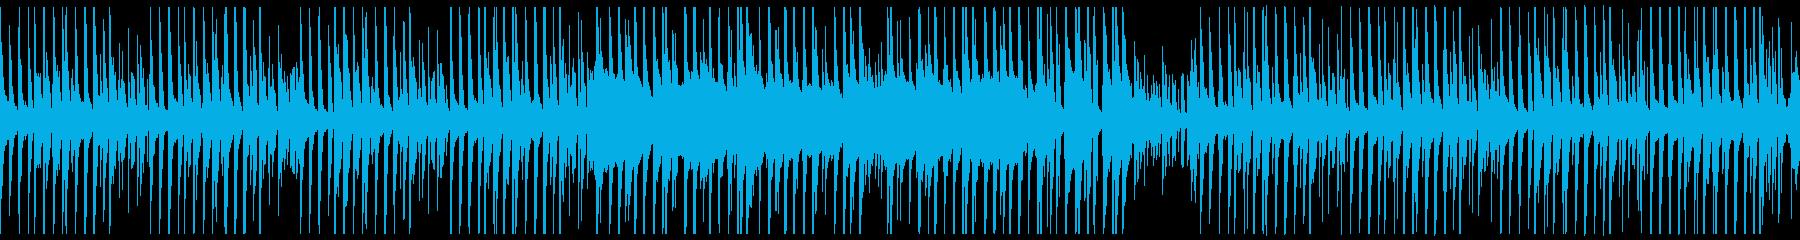 マリンバのほのぼのしたBGMですの再生済みの波形